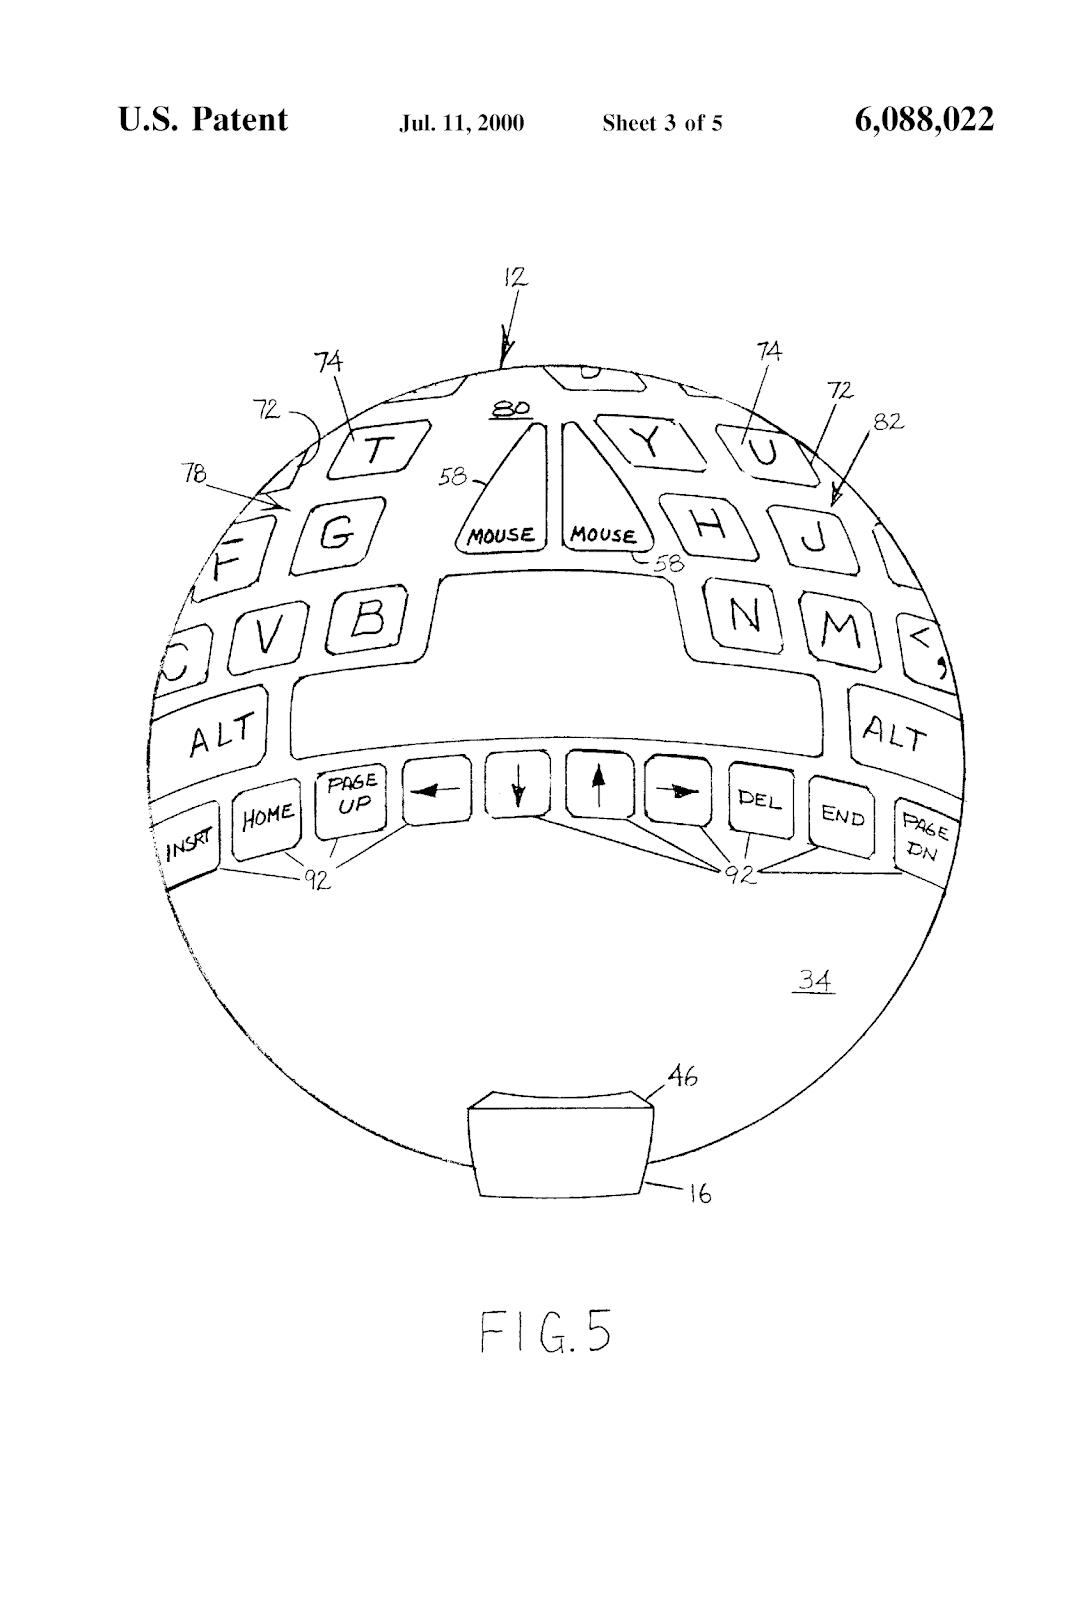 Качаем пресс с помощью игрового контроллера, или 8 необычных патентов на устройства ввода - 5